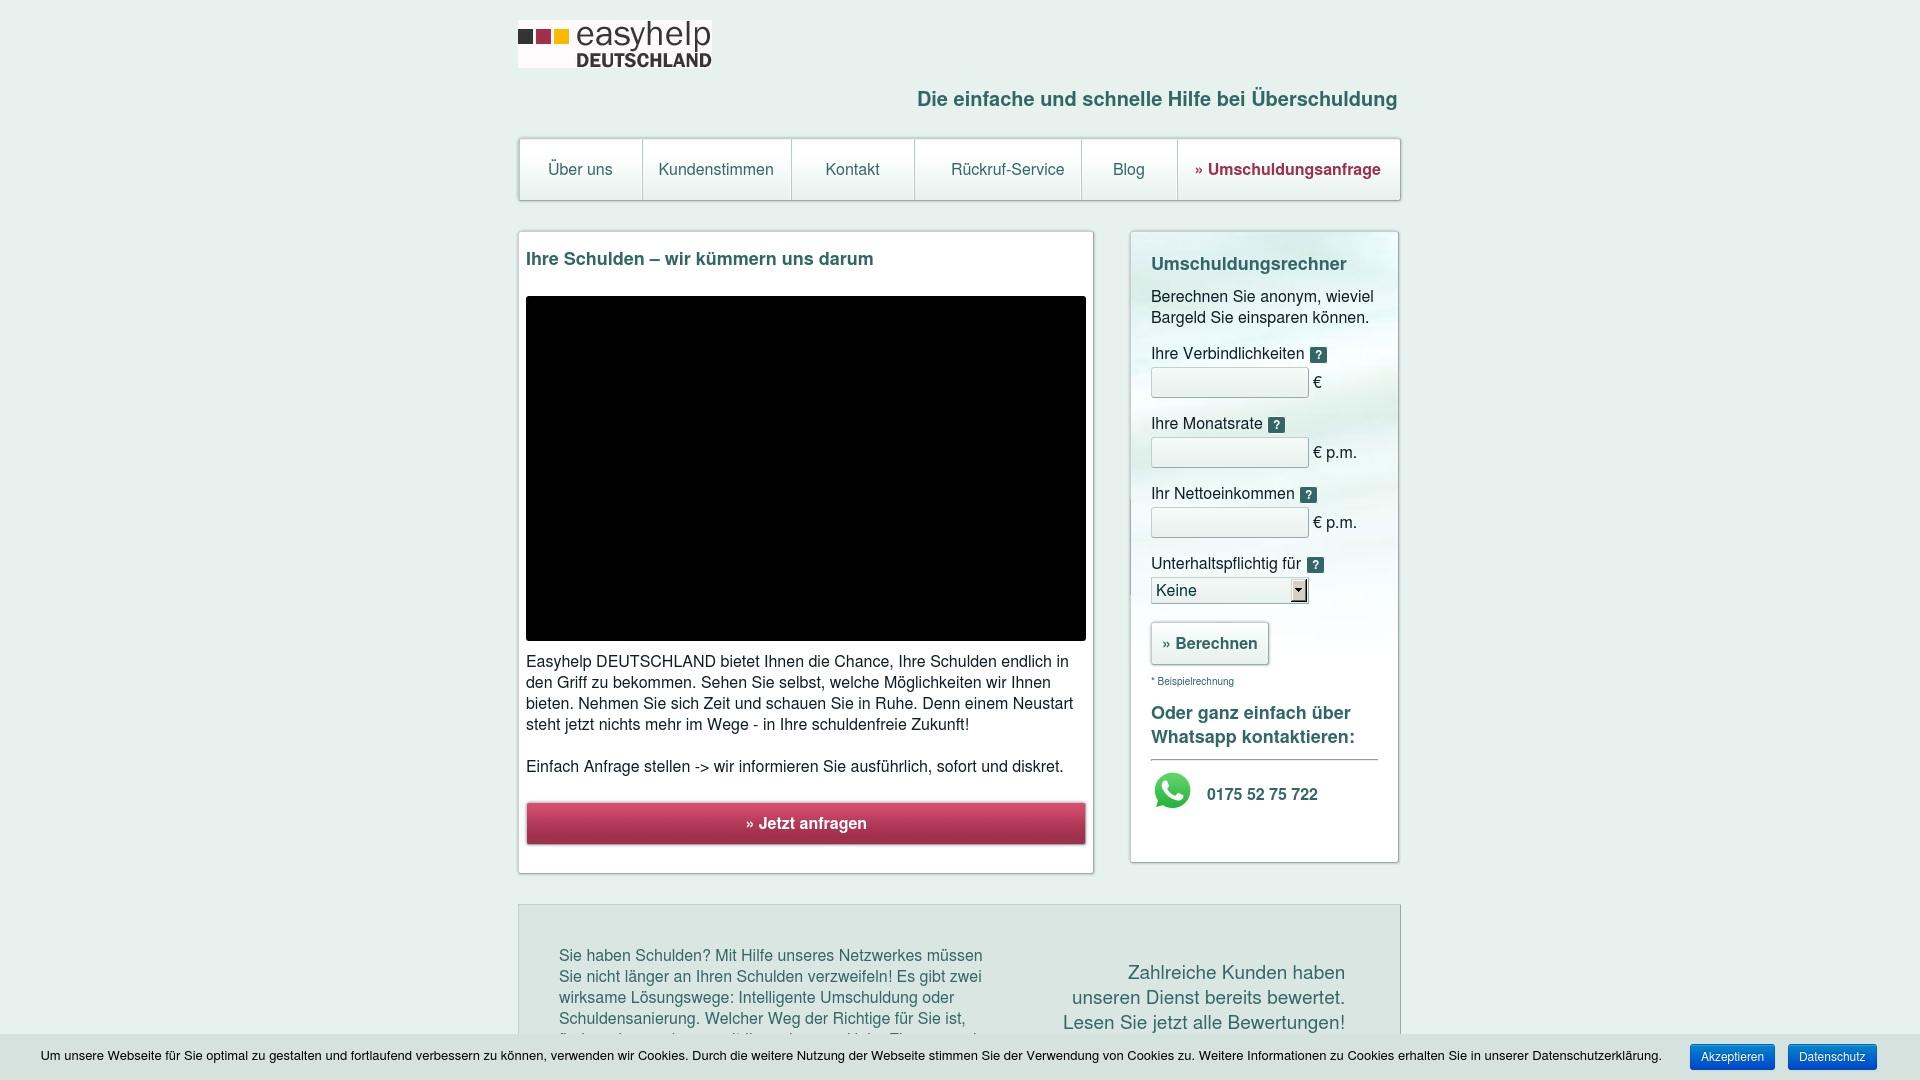 Gutschein für Easyhelp-deutschland: Rabatte für  Easyhelp-deutschland sichern